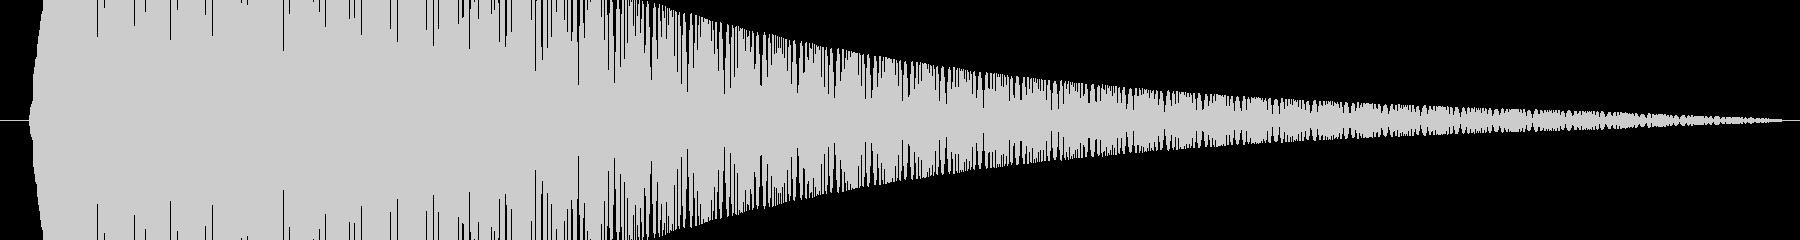 打撃 ぐらつき歪み01の未再生の波形